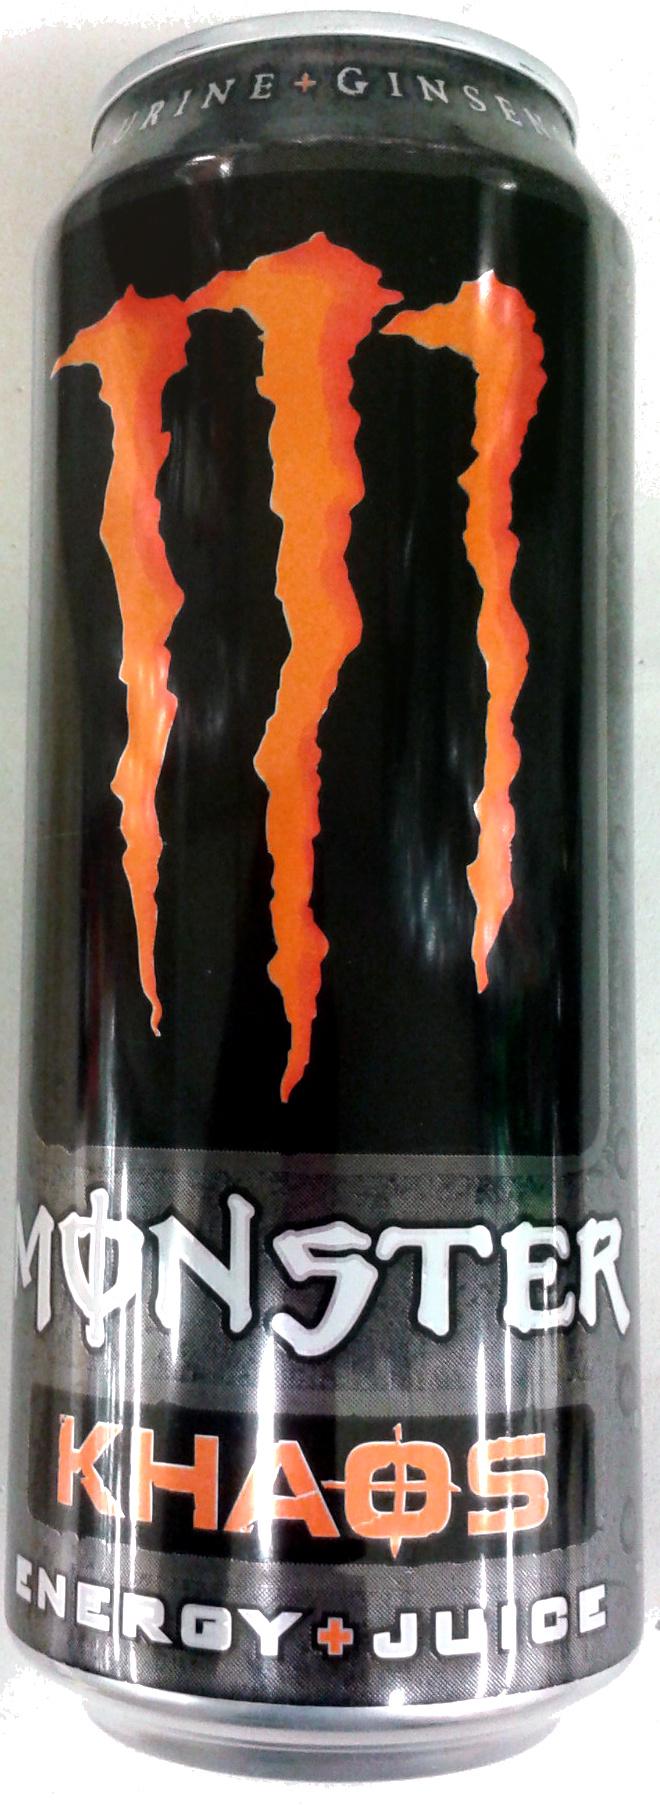 Monster Khaos - Product - fr